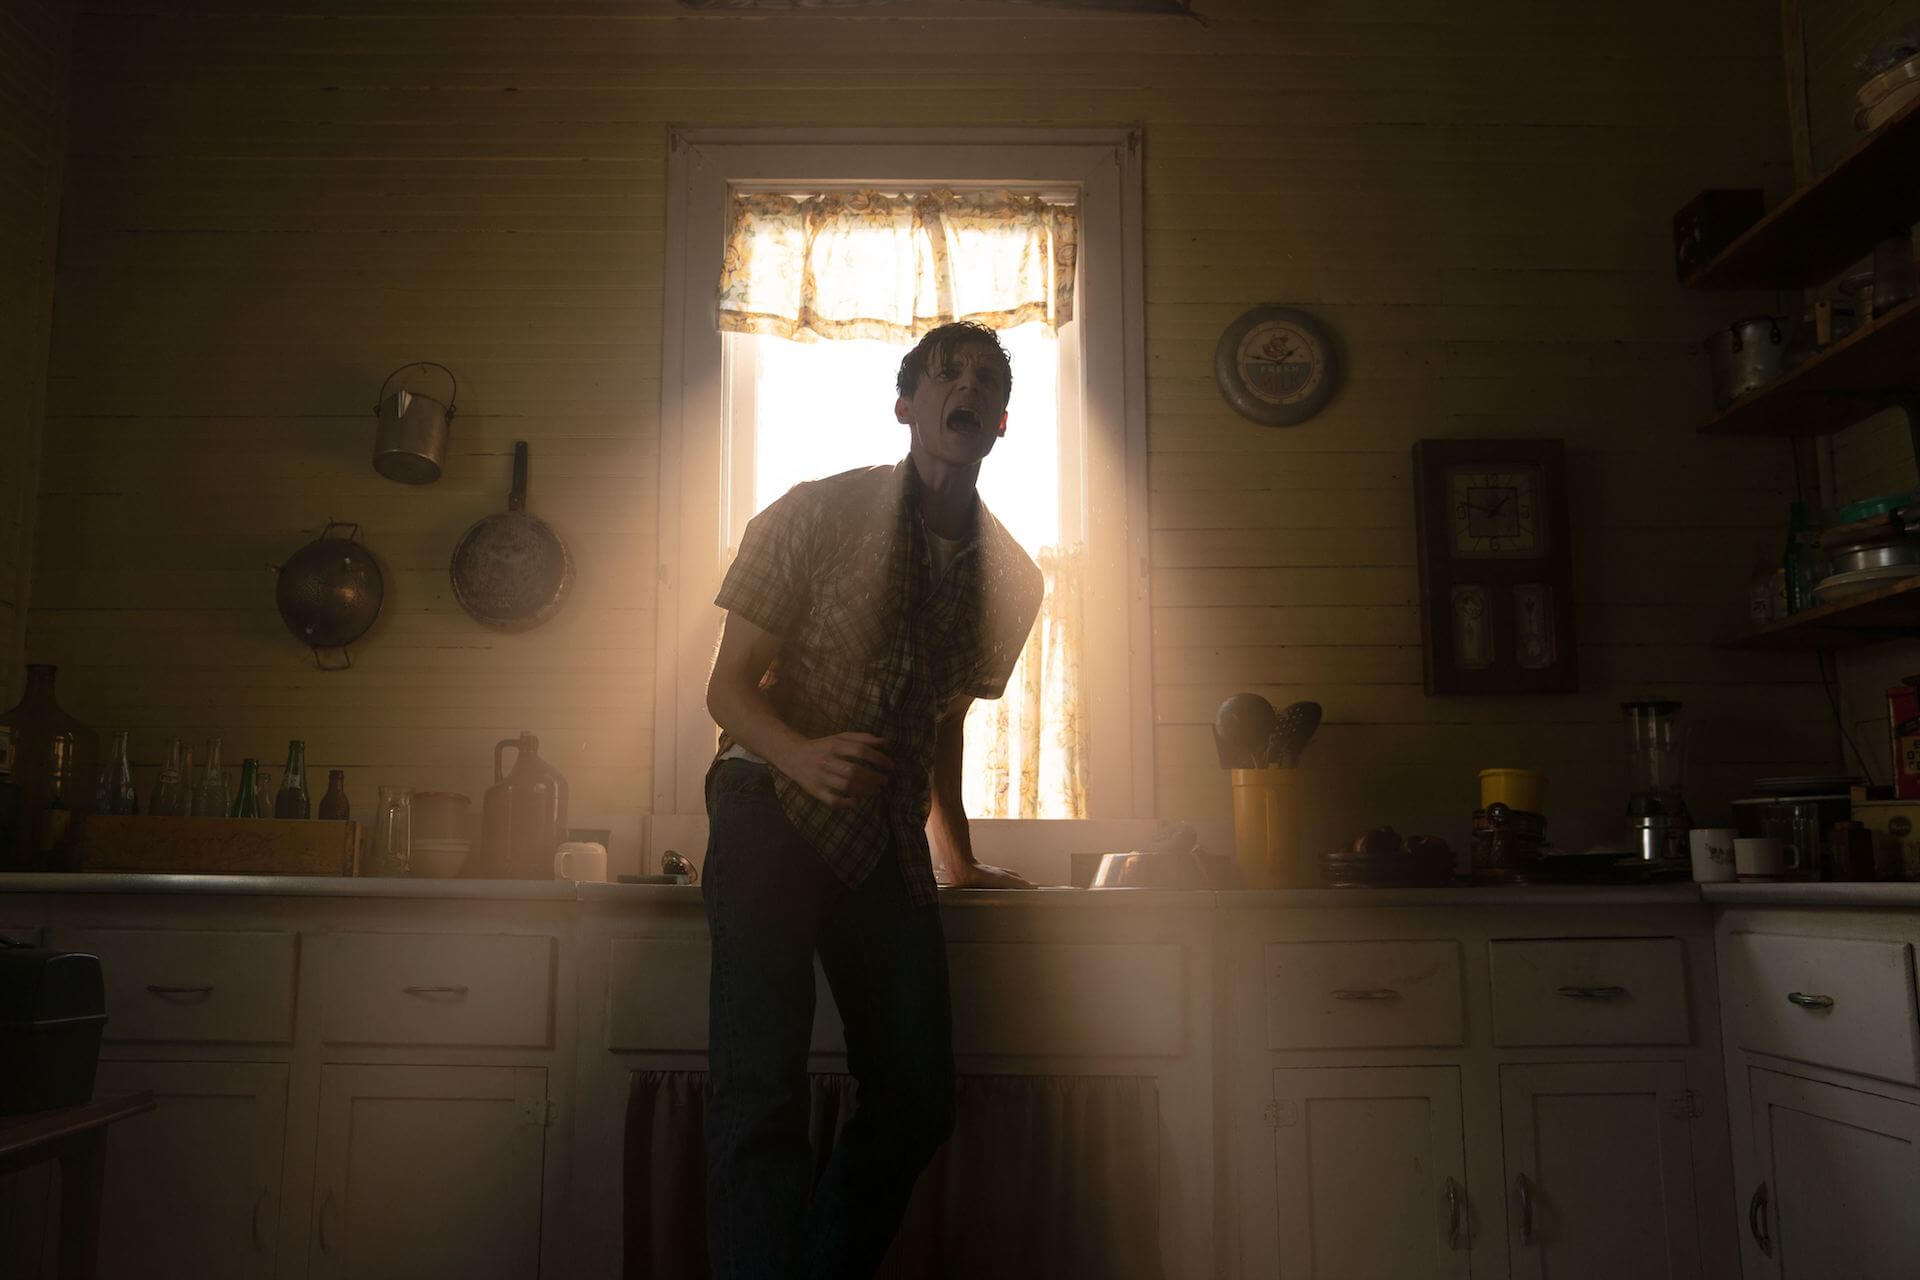 「死霊館」ユニバース全7作 累計世界興収20億ドル超え!最新作『死霊館 悪魔のせいなら、無罪。』は10月公開 film210802-shiryoukan-muzai-7